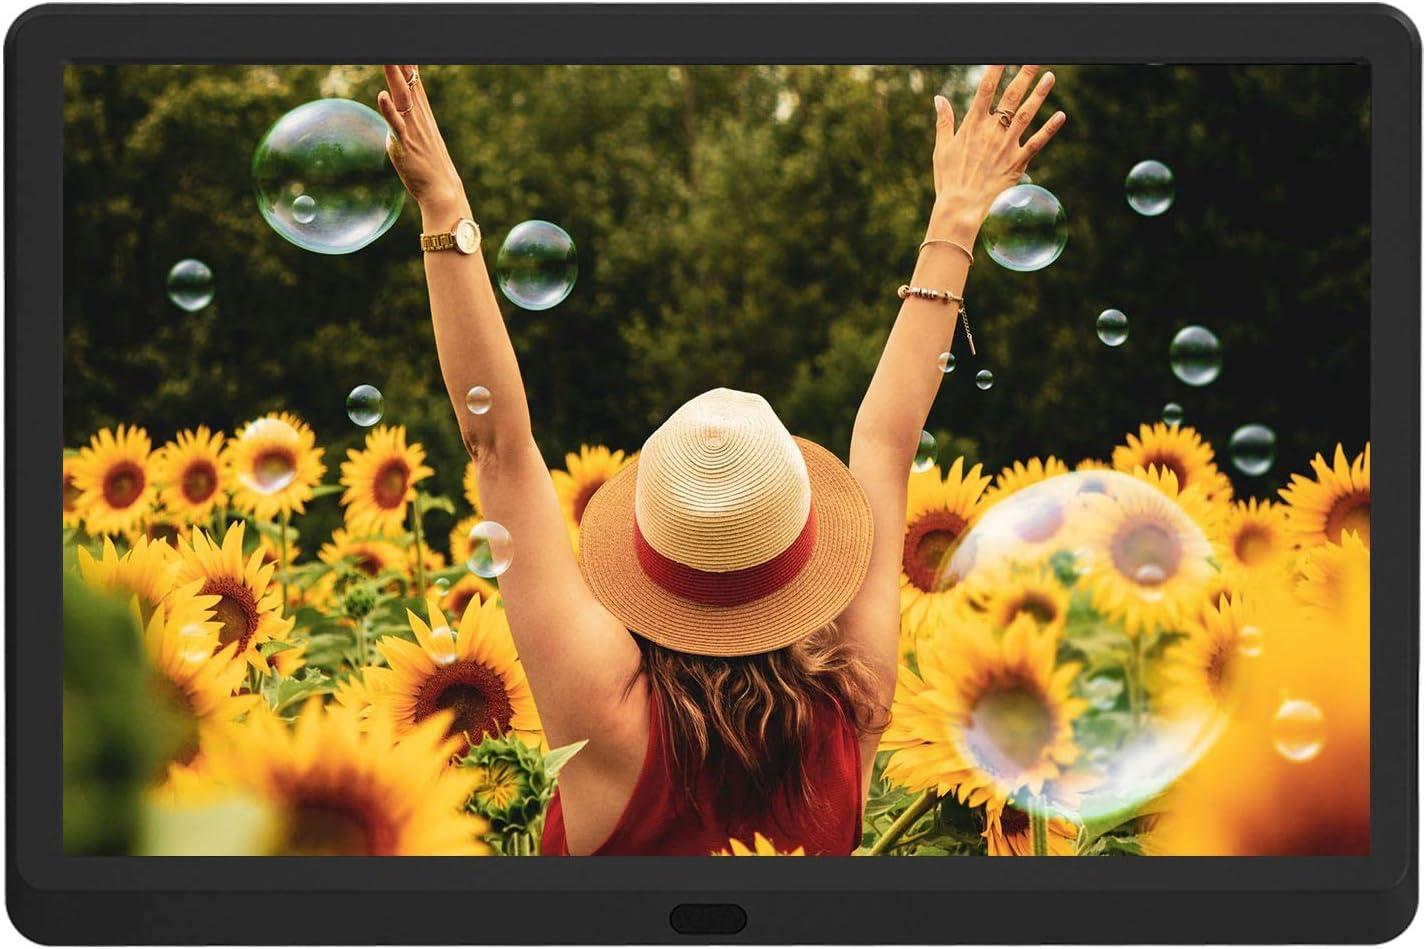 Marco digital de 10 pulgadas, marco de fotos digital 1920 x 1080 de alta resolución, Full HD IPS pantalla, foto/música/vídeo del reproductor, calendario, despertador, con mando a distancia, idioma italiano: Amazon.es: Electrónica